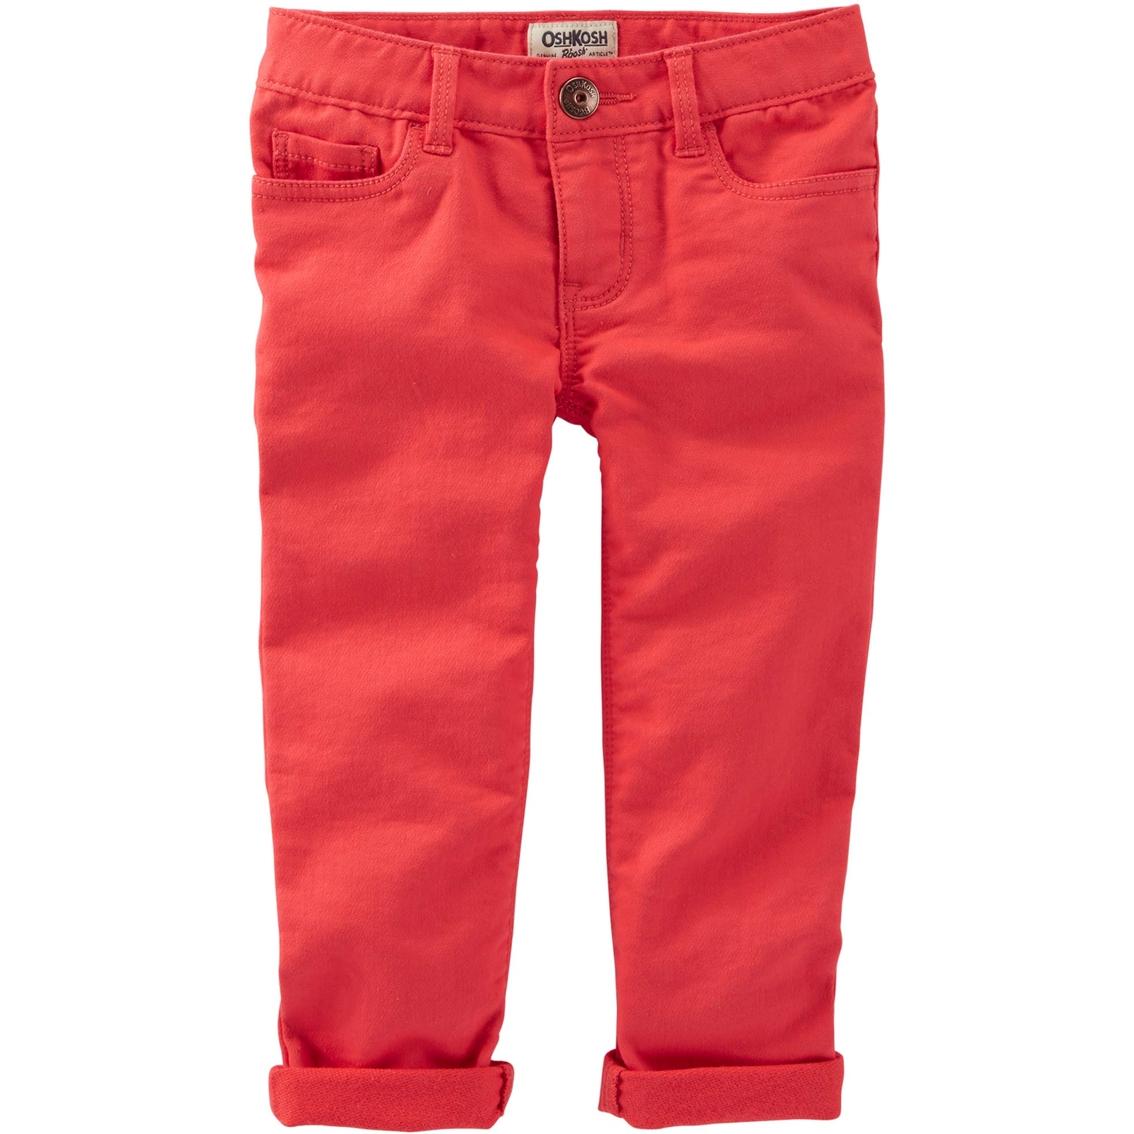 Oshkosh B'gosh Girls Twill Pants   Legging & Pants   Apparel ...